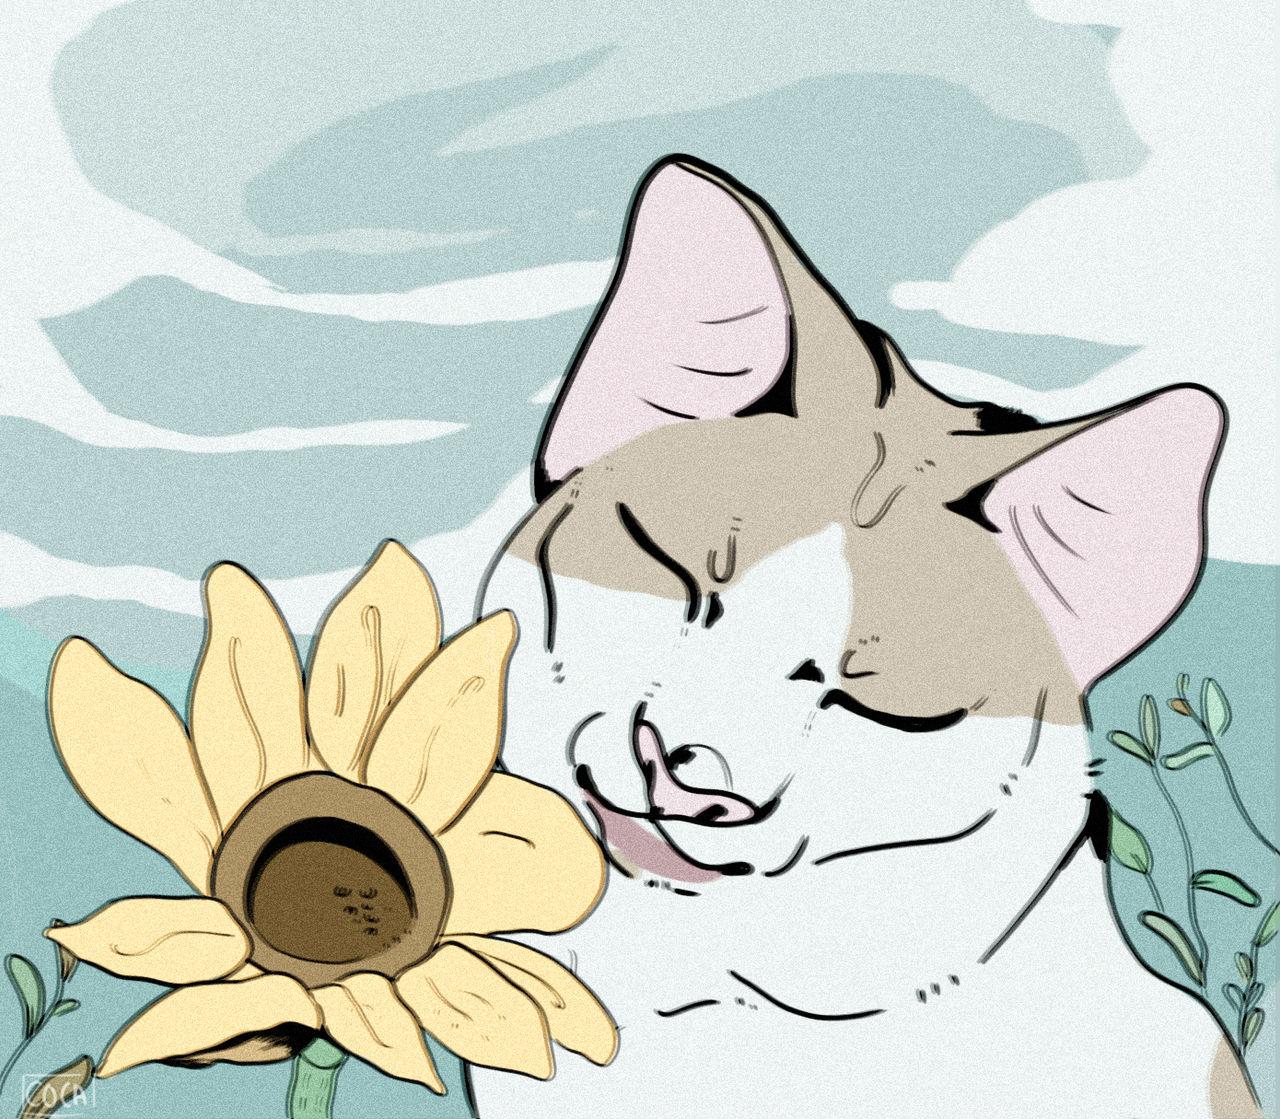 .:Dibujos de Nya:. - Página 2 Sunflower_by_nyotleo_ddp1b9d-fullview.jpg?token=eyJ0eXAiOiJKV1QiLCJhbGciOiJIUzI1NiJ9.eyJzdWIiOiJ1cm46YXBwOjdlMGQxODg5ODIyNjQzNzNhNWYwZDQxNWVhMGQyNmUwIiwiaXNzIjoidXJuOmFwcDo3ZTBkMTg4OTgyMjY0MzczYTVmMGQ0MTVlYTBkMjZlMCIsIm9iaiI6W1t7ImhlaWdodCI6Ijw9MTExOSIsInBhdGgiOiJcL2ZcLzU0NTliNzUzLWY3YzctNGQwNy1iYWYxLTJhZjllYzBkZjIyM1wvZGRwMWI5ZC04MmRiYjRiYi1jY2JmLTQzZjYtODViNi04MDViMjQ1YTc2OTEucG5nIiwid2lkdGgiOiI8PTEyODAifV1dLCJhdWQiOlsidXJuOnNlcnZpY2U6aW1hZ2Uub3BlcmF0aW9ucyJdfQ